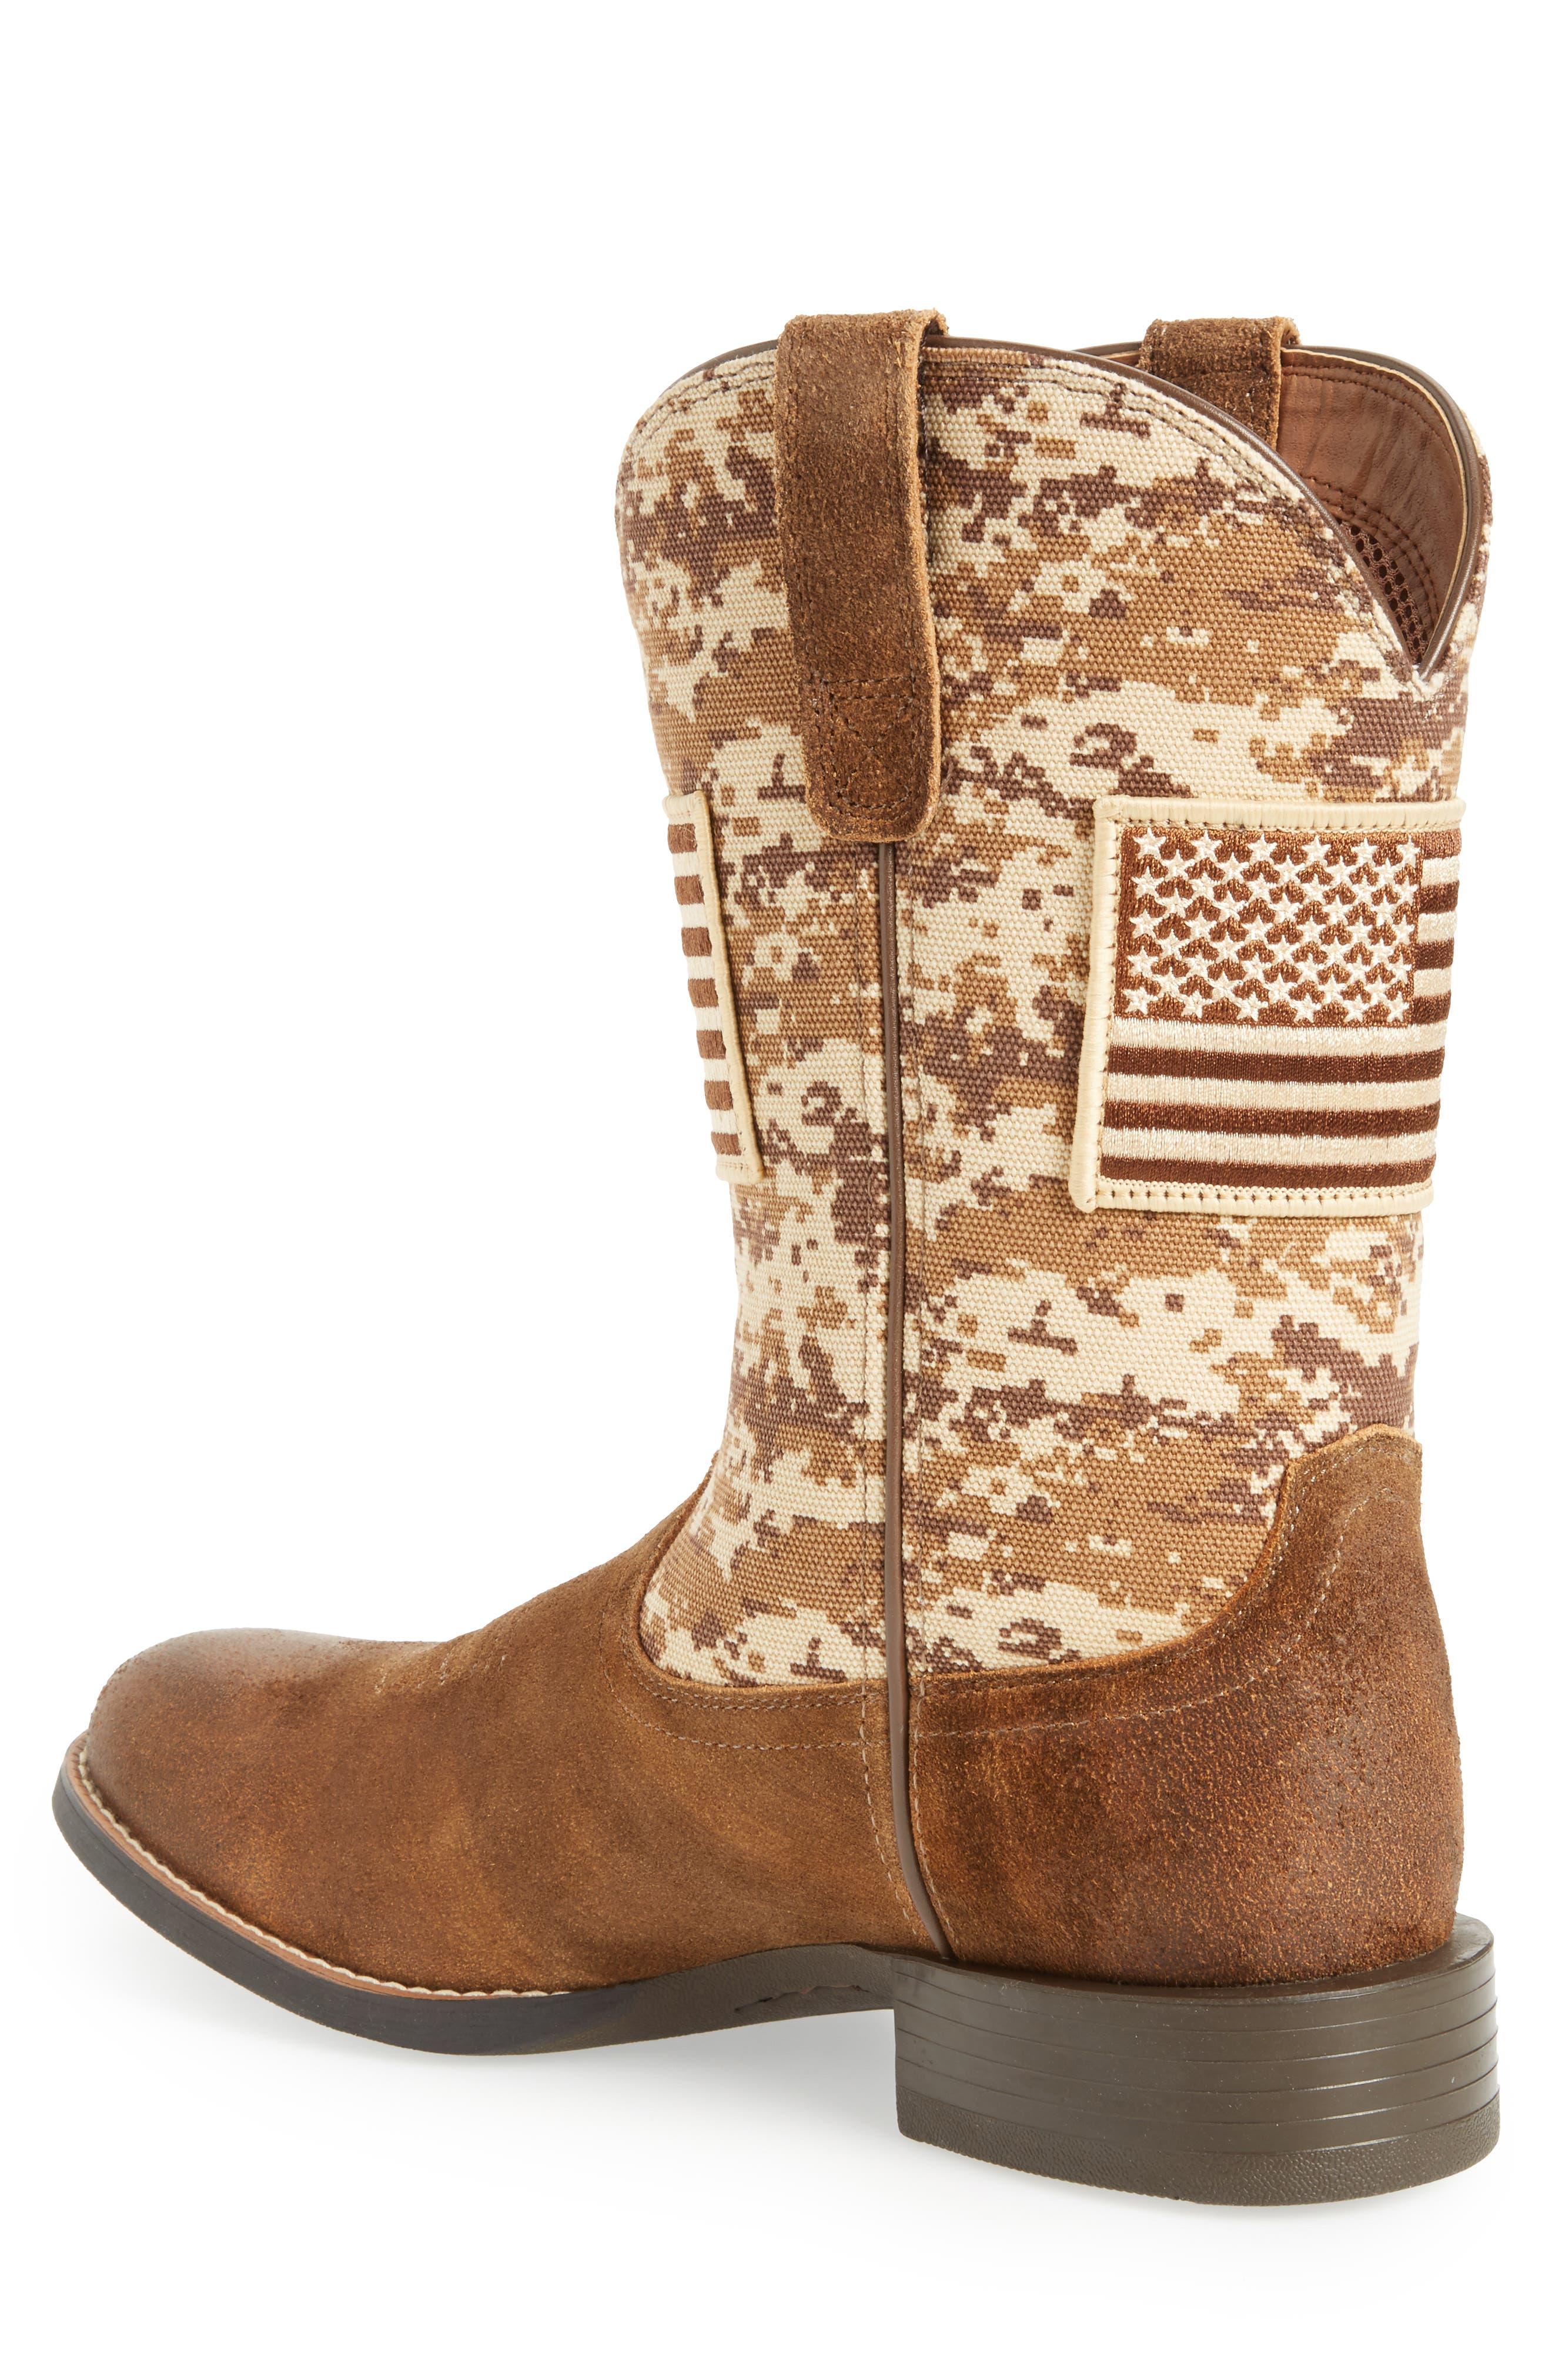 Sport Patriot Cowboy Boot,                             Alternate thumbnail 2, color,                             Antique Mocha/ Sand Leather